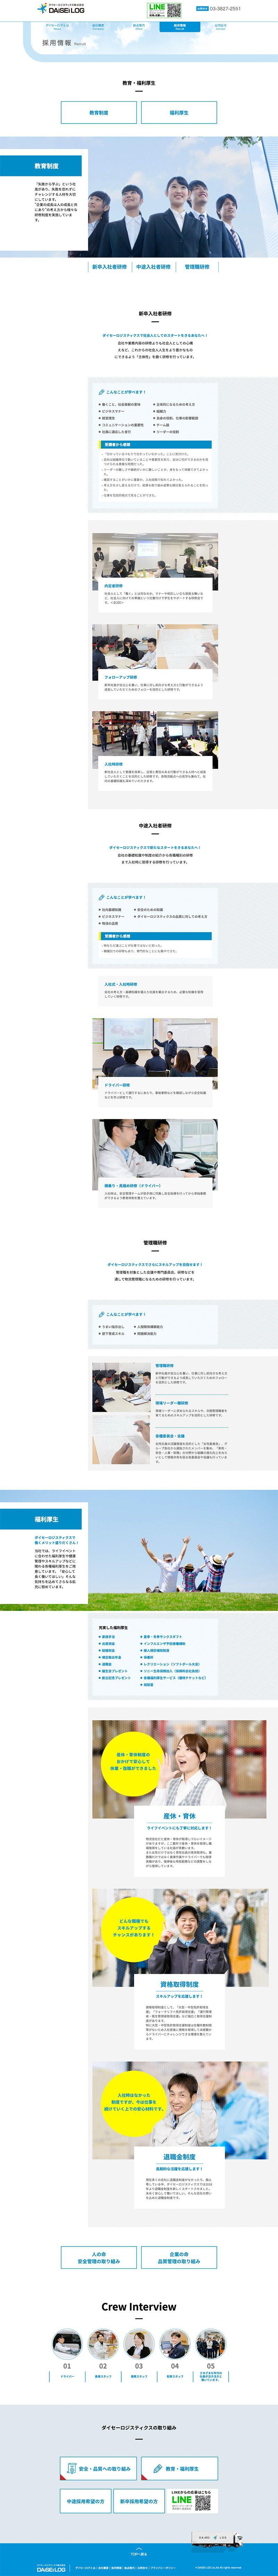 ダイセーロジスティクス株式会社様|コーポレートサイト採用情報 / 教育制度ページ